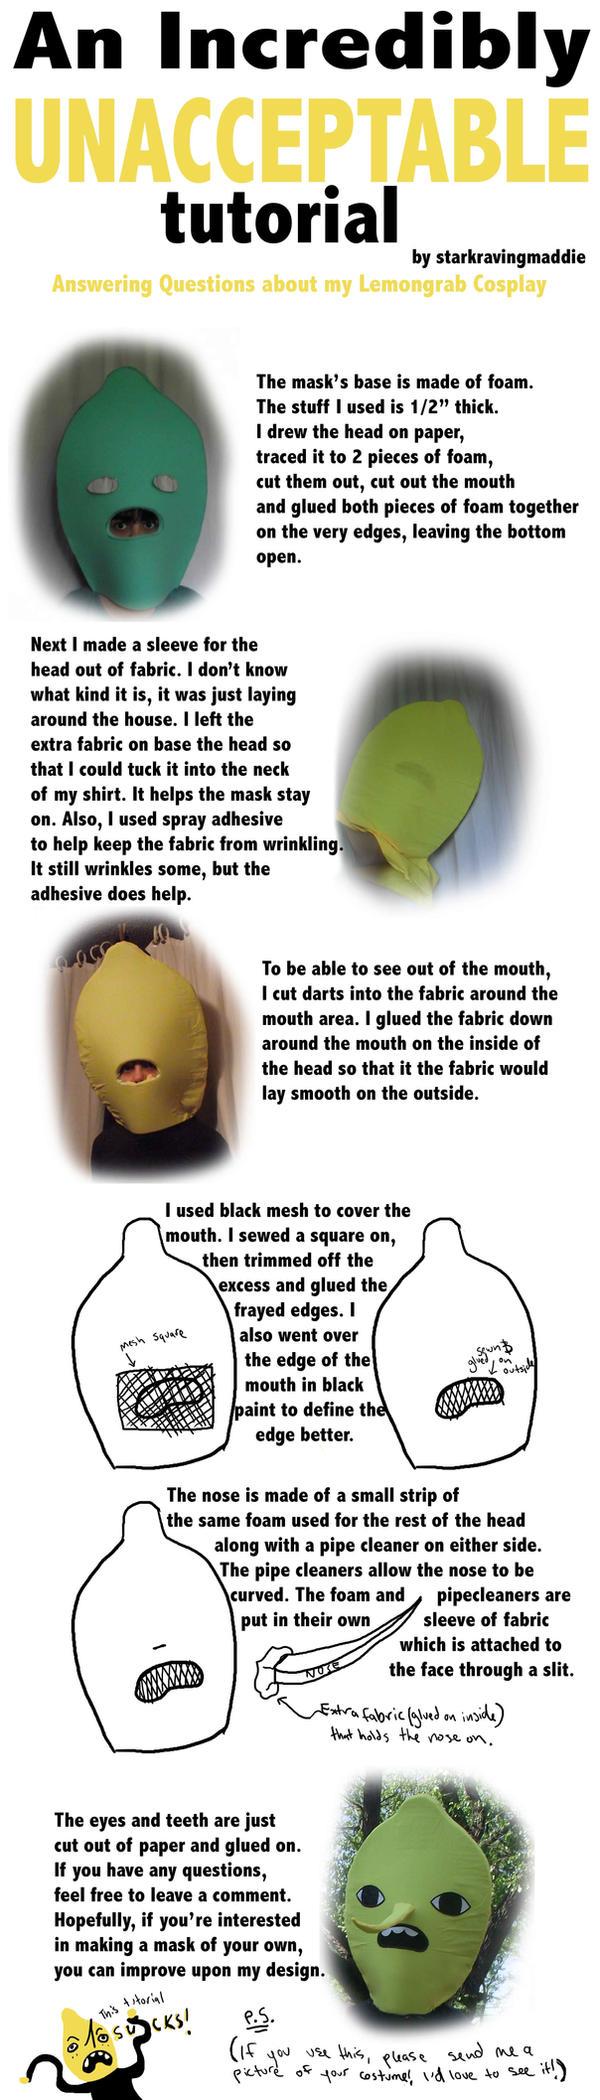 Lame Lemongrab tutorial